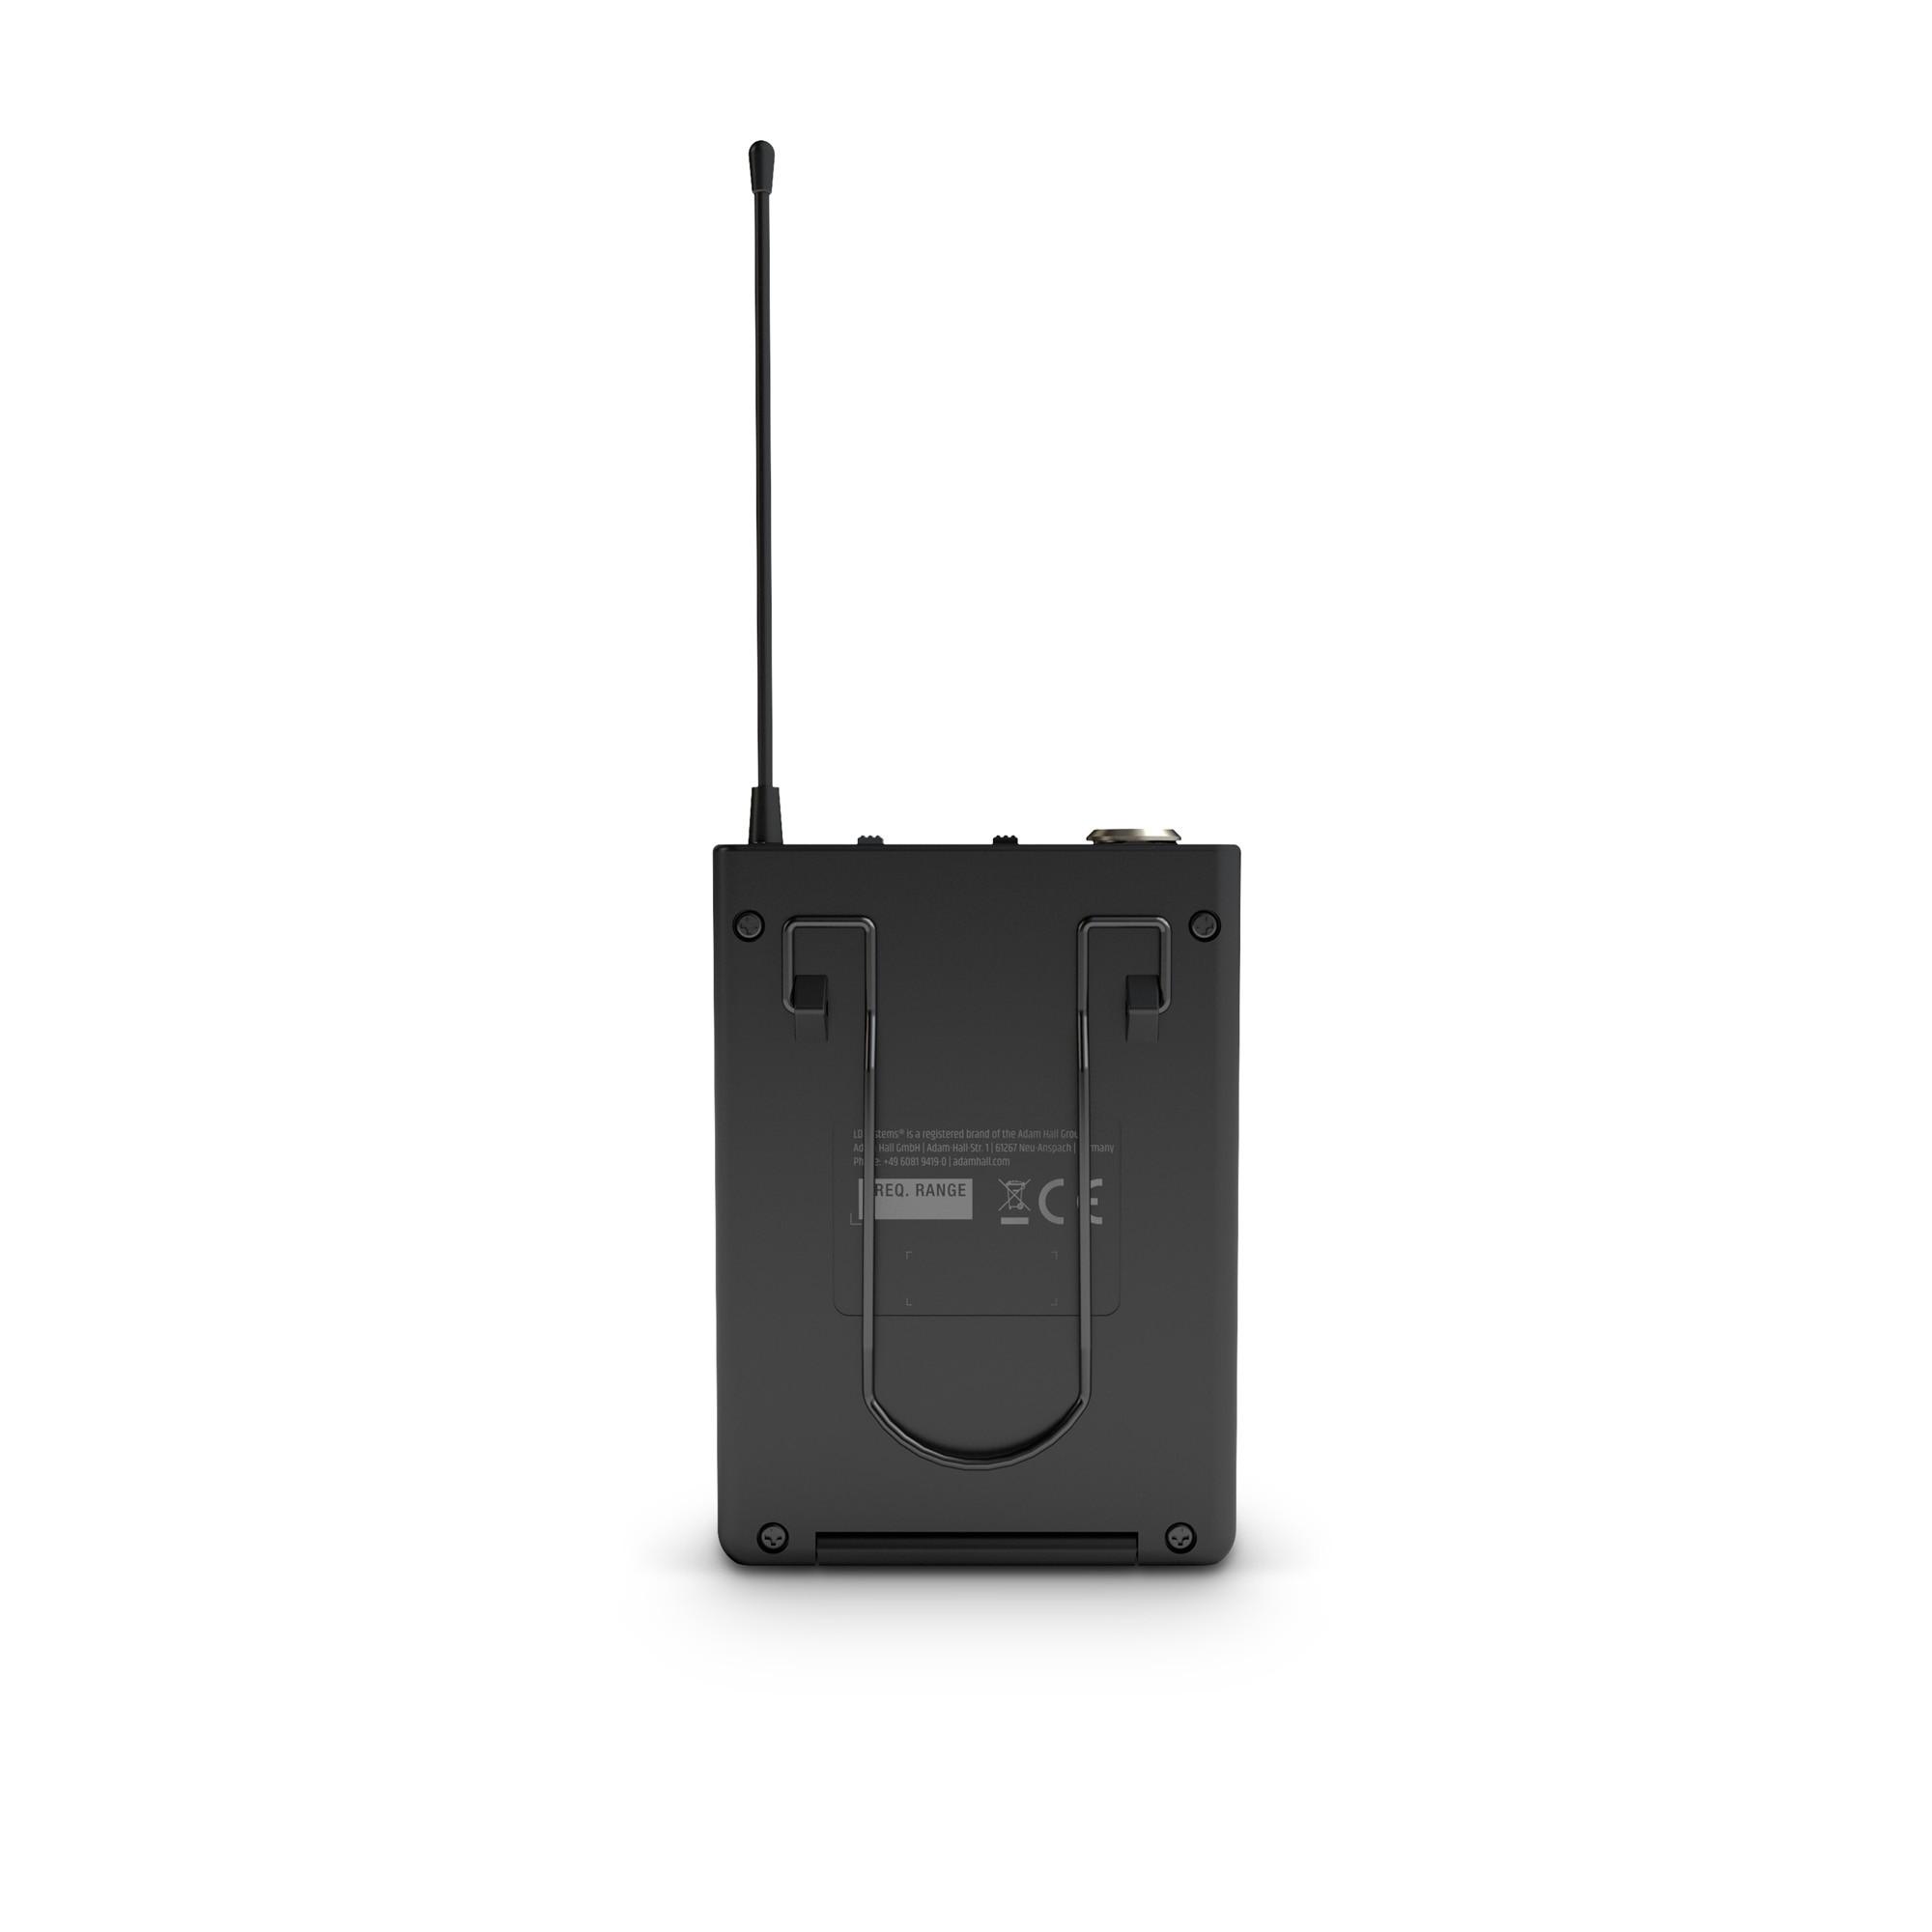 U305 BP Bodypack transmitter